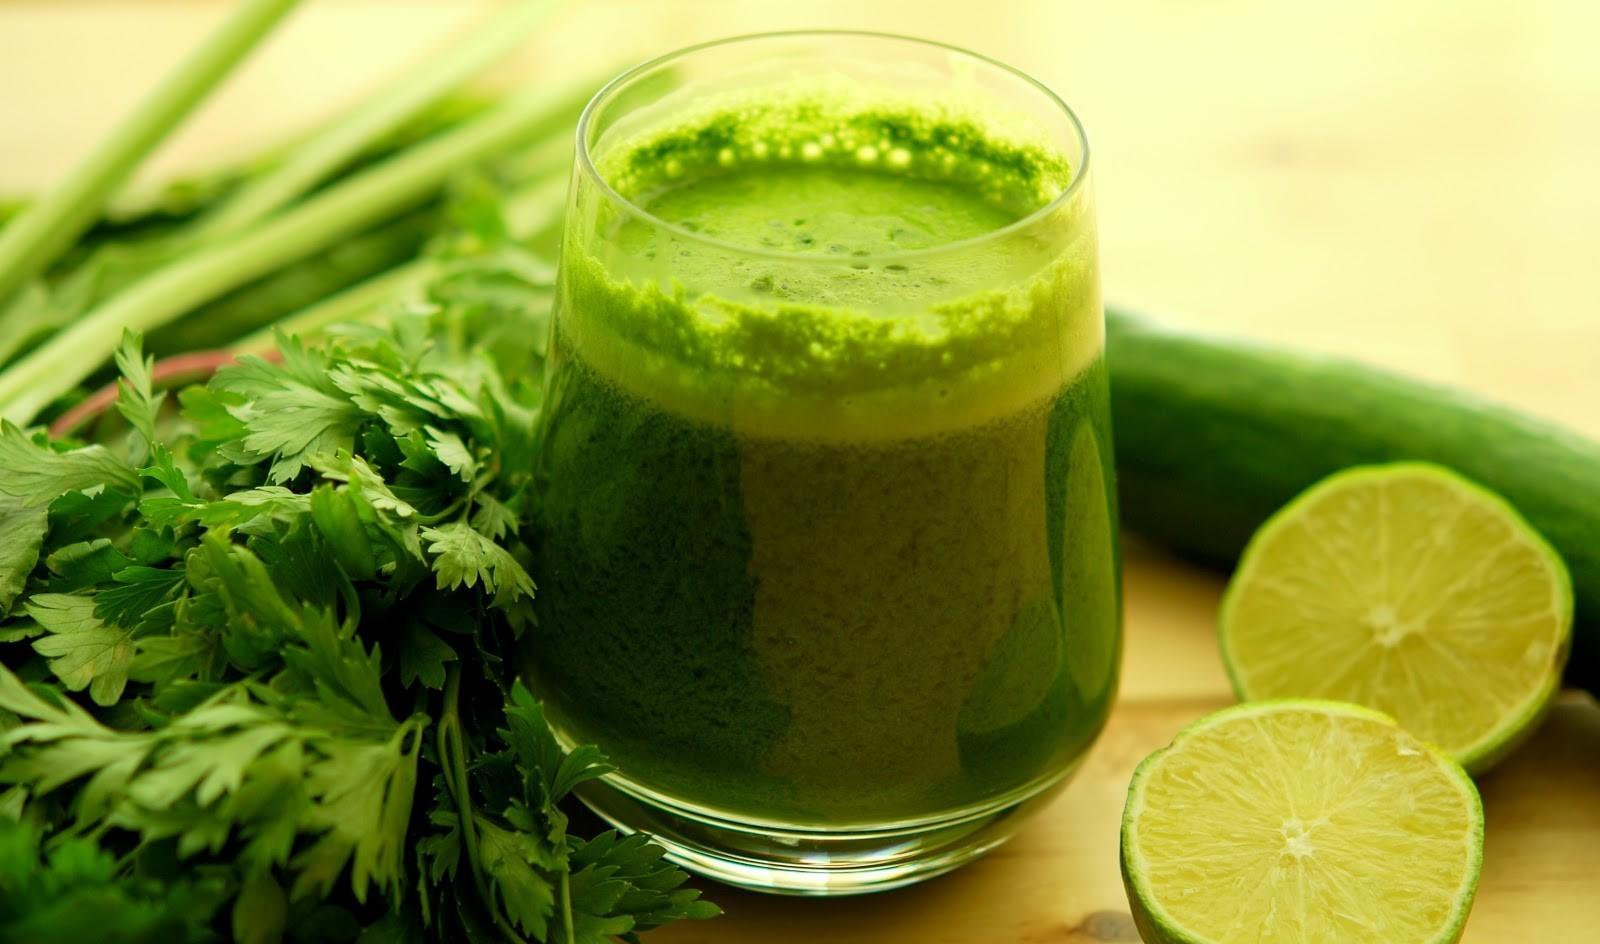 Veja-como-emagrecer-com-a-dieta-do-suco-verde-02